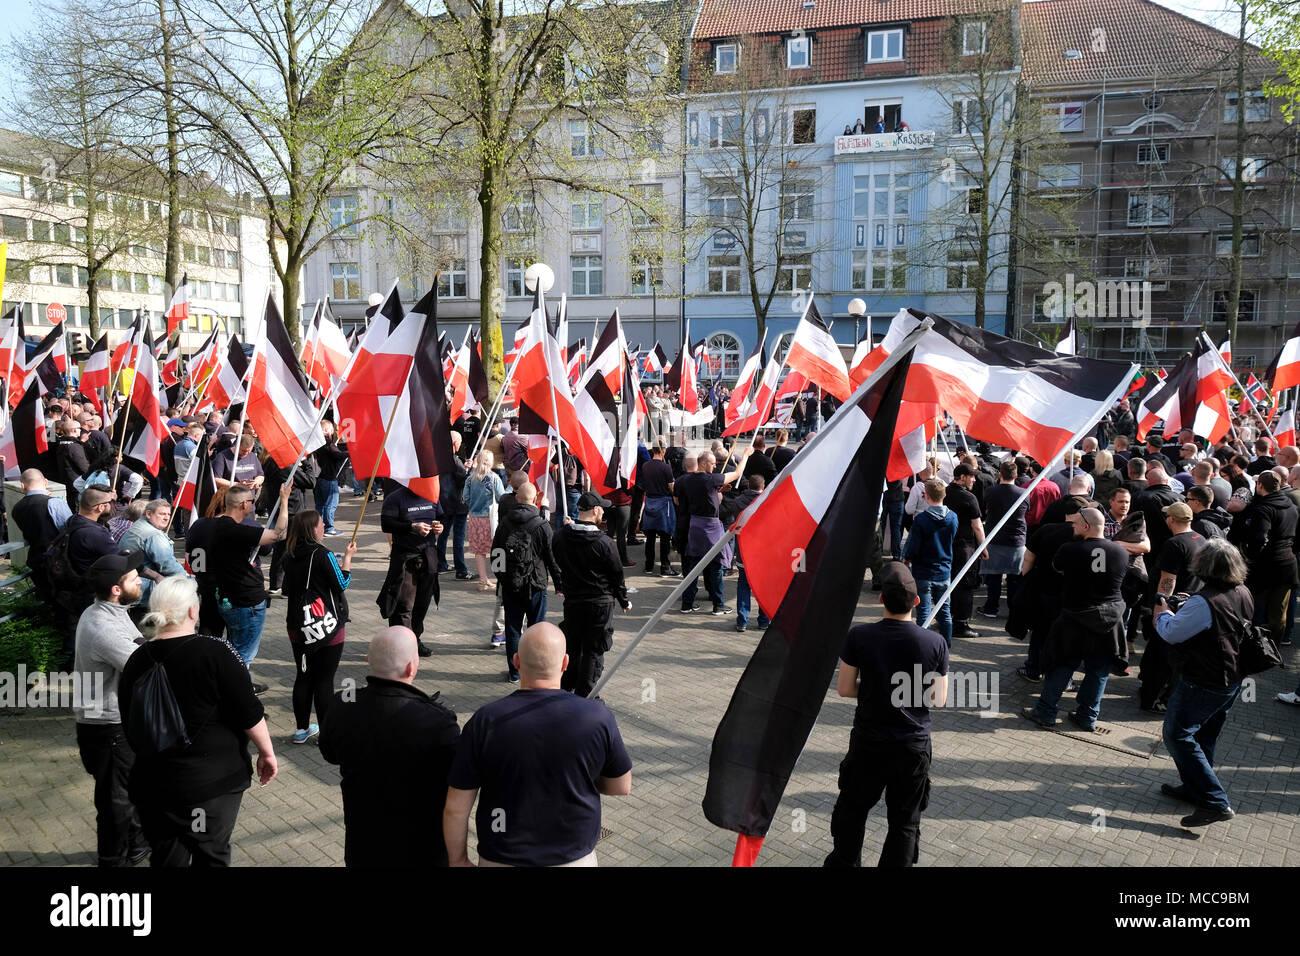 """Dortmund, April 14th 2018: Neo-Nazi march in Dortmund/Germany. Right-wing extremist parties such as the party """"Die Rechte"""" (The Rights) demanding under the heading EUROPE AWAKE a """"white Europe"""" --- Dortmund 14.04.2018: Neonazi-Demonstration in Dortmund. Rechtsextremistische Parteien wie die Dortmunder Partei """"Die Rechte"""" fordern unter der Überschrift """"EUROPA ERWACHE"""" ein """"weisses Europa"""" Stock Photo"""